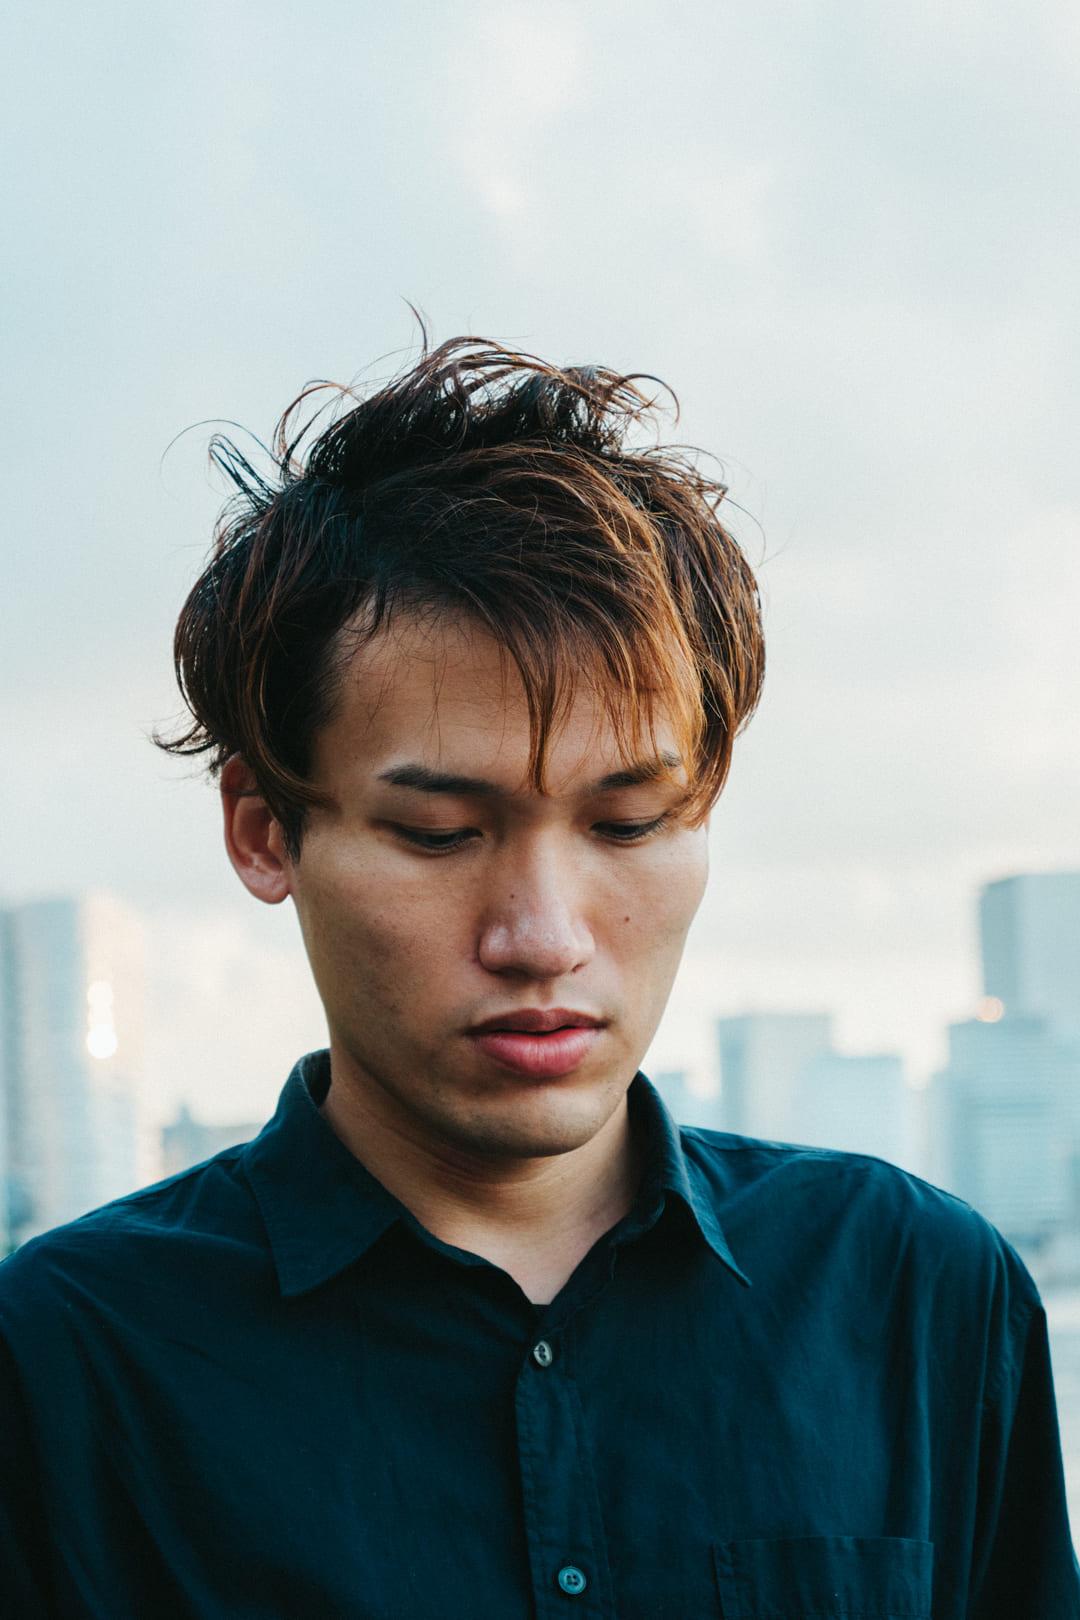 [講師]フォトグラファー 神田エイジ